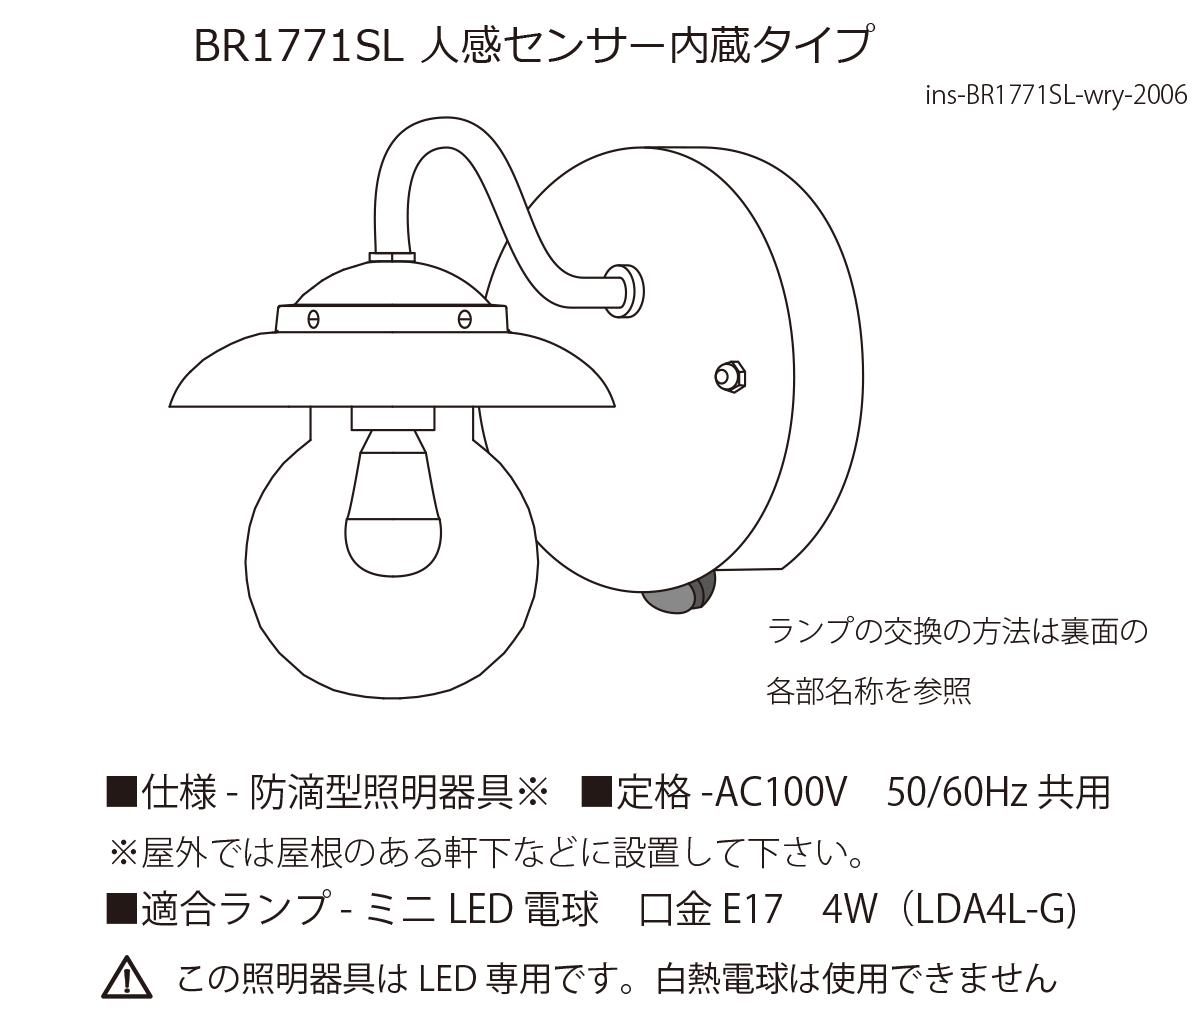 【マリンランプ】BR1771 ブラックシリーズ 人感センサー付き